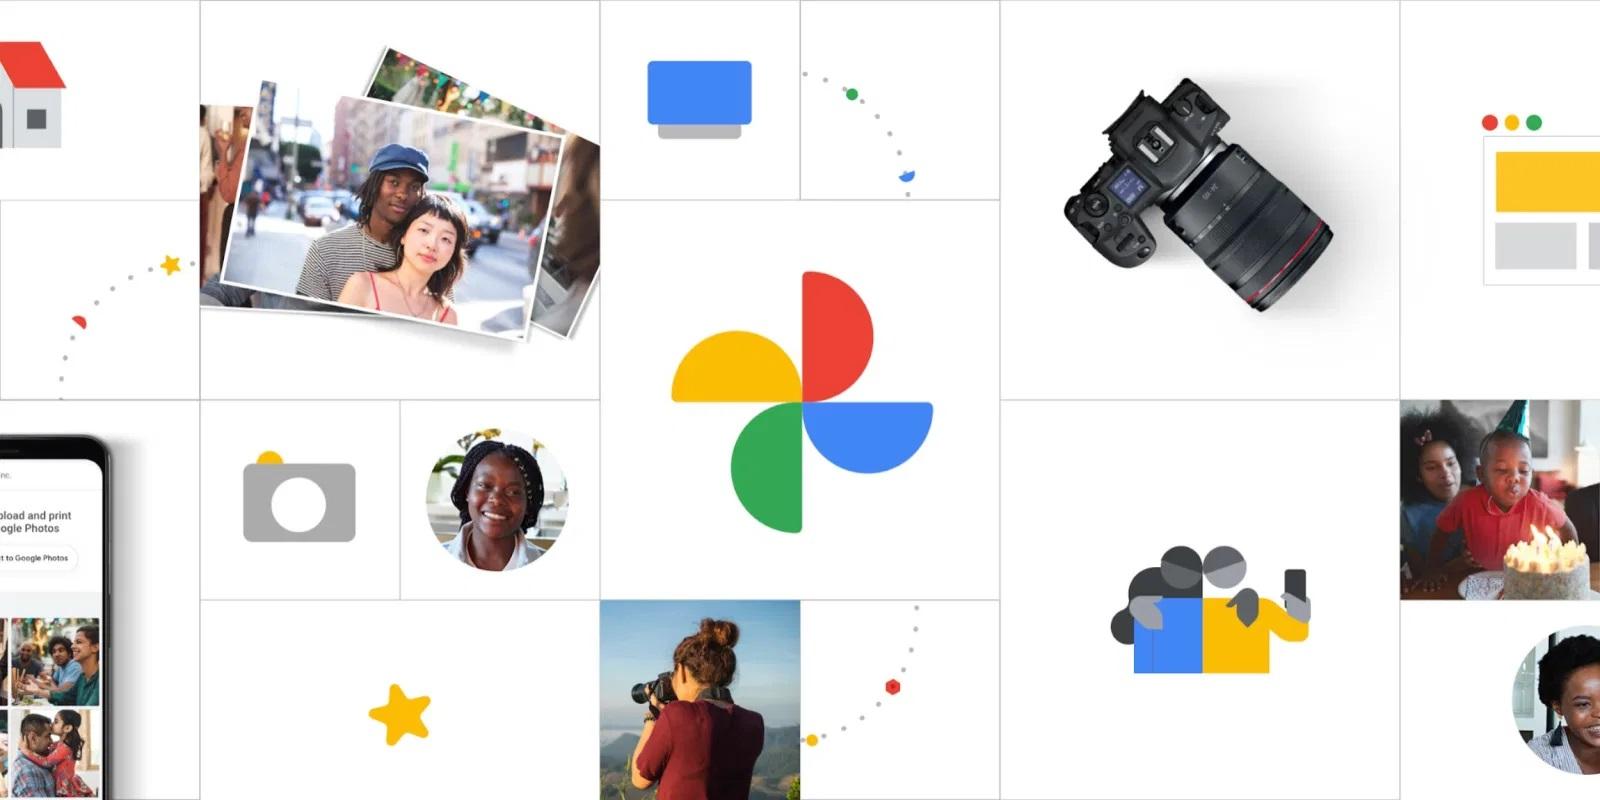 تغيير كبير في سياسة تطبيق Google Photos بداية من منتصف العام المقبل